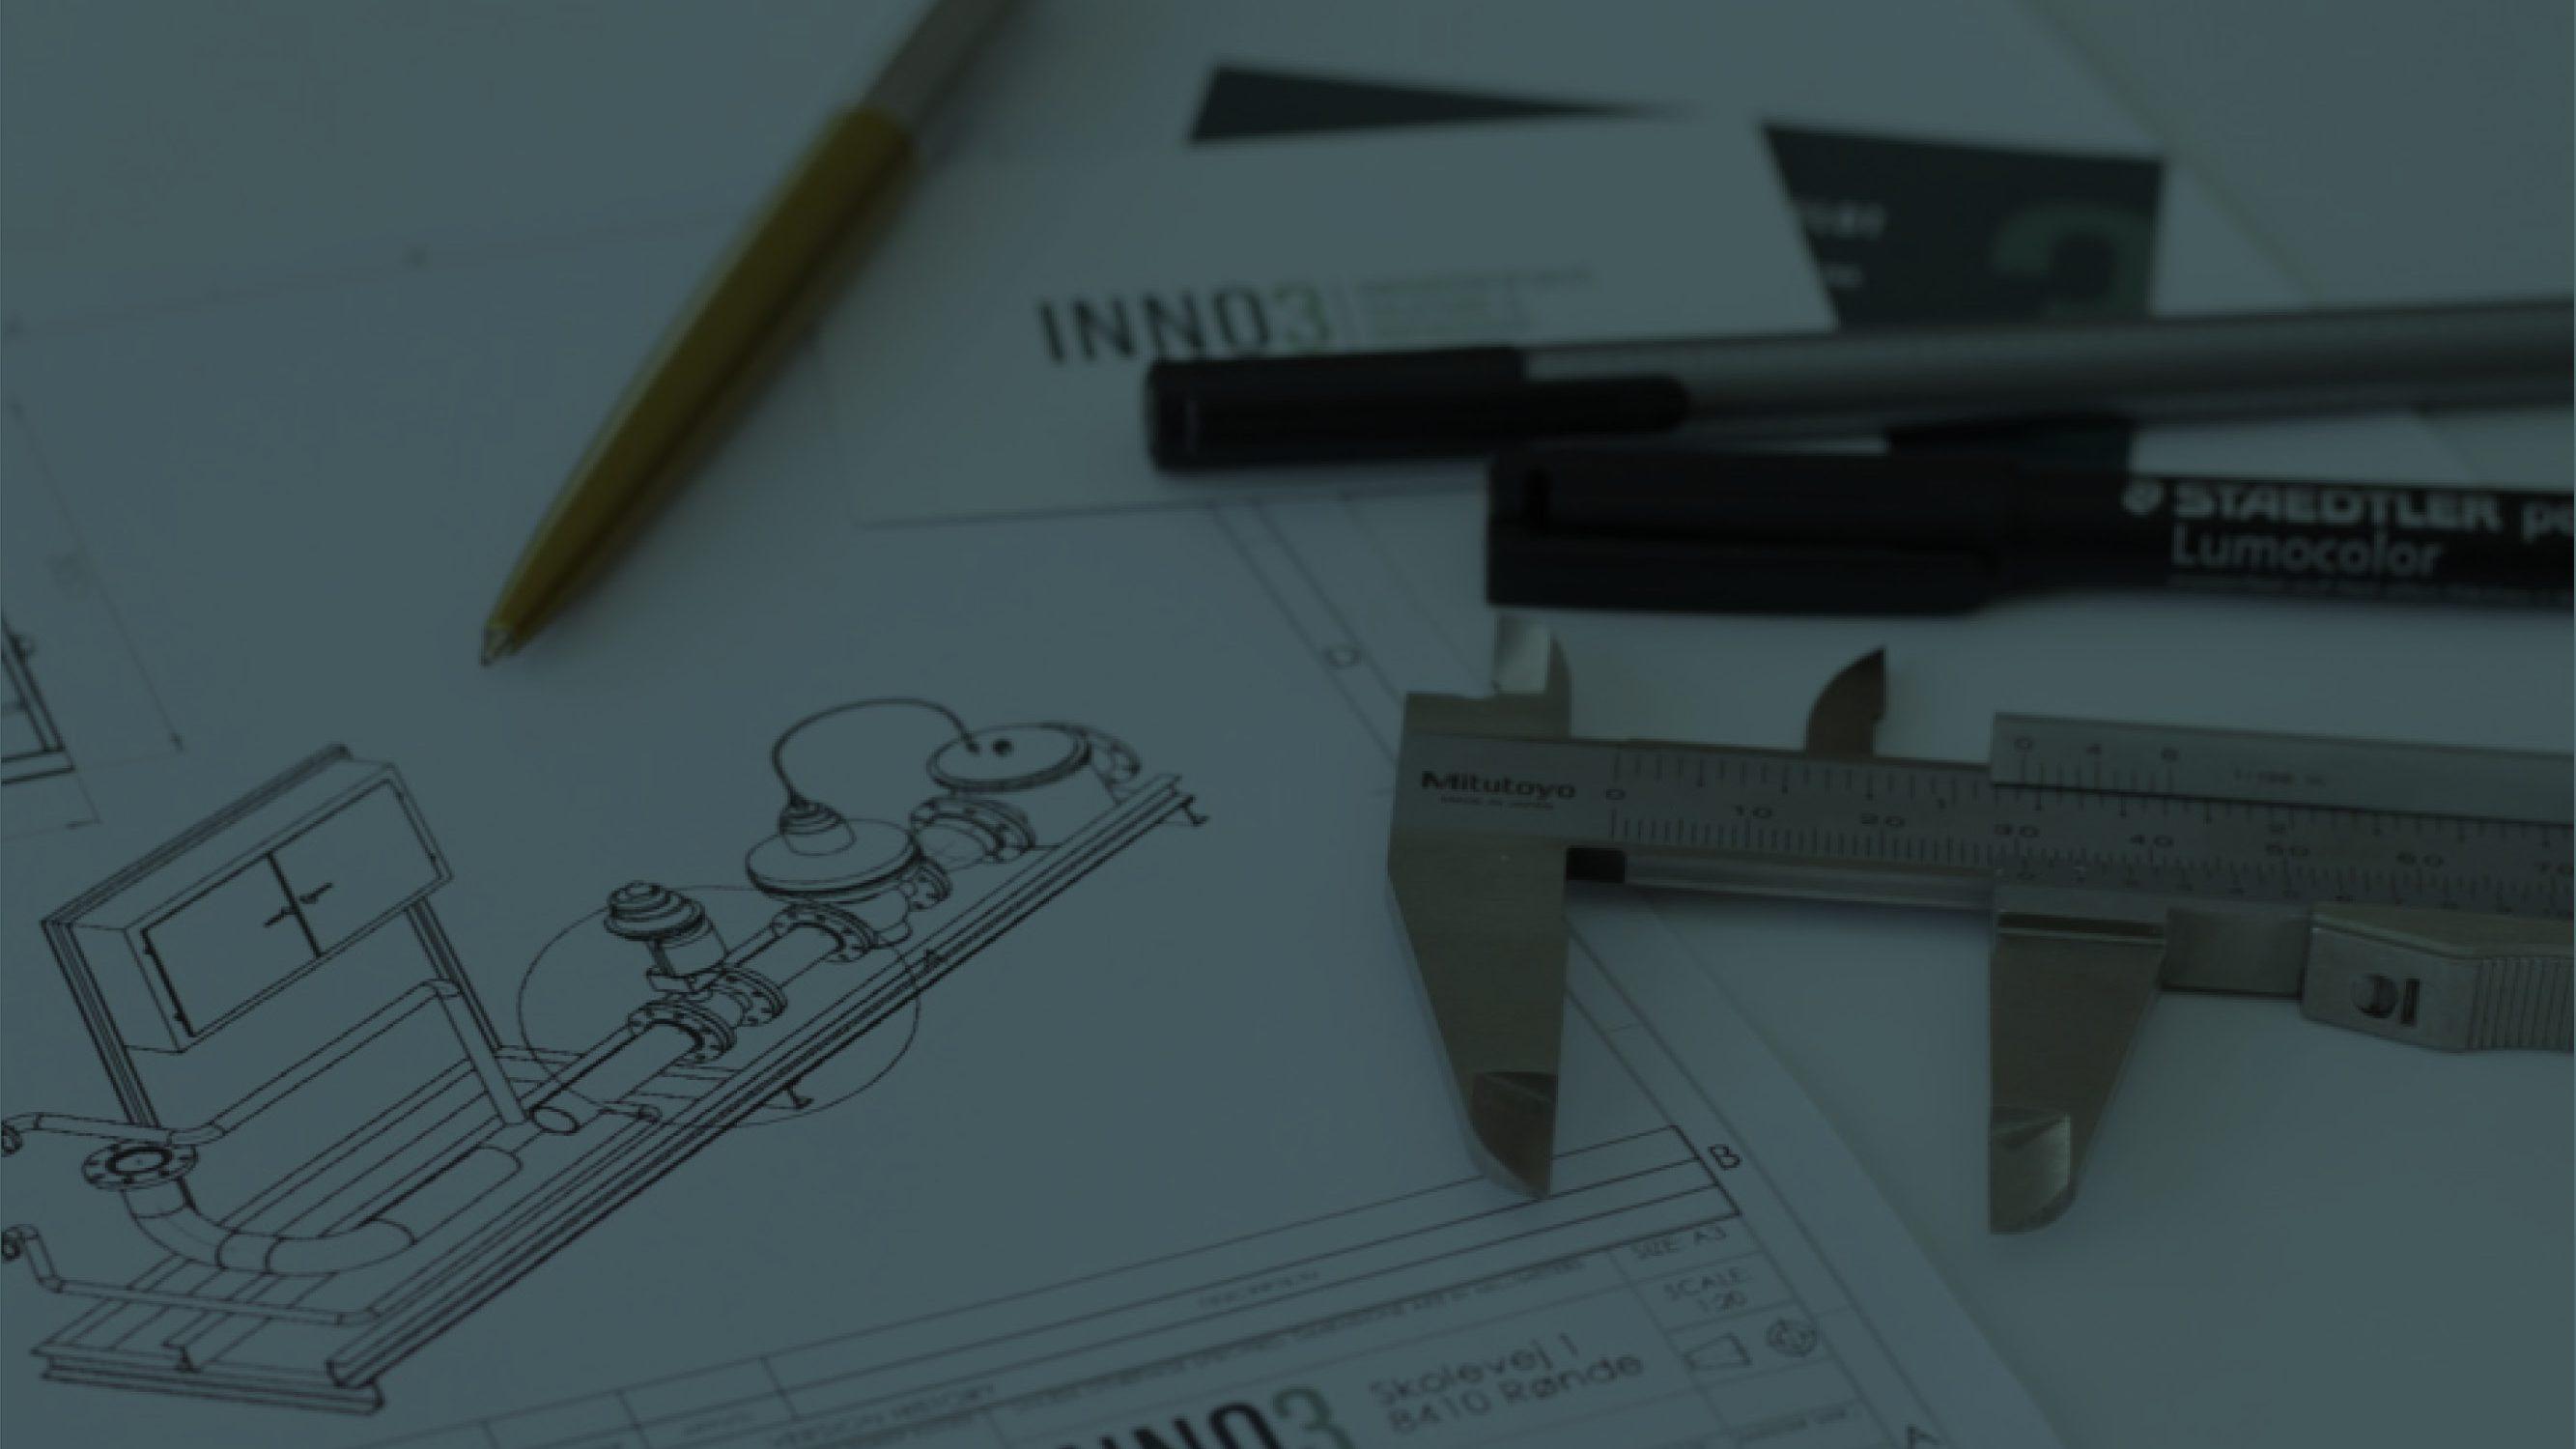 Inn03 ingenørers skrivebord